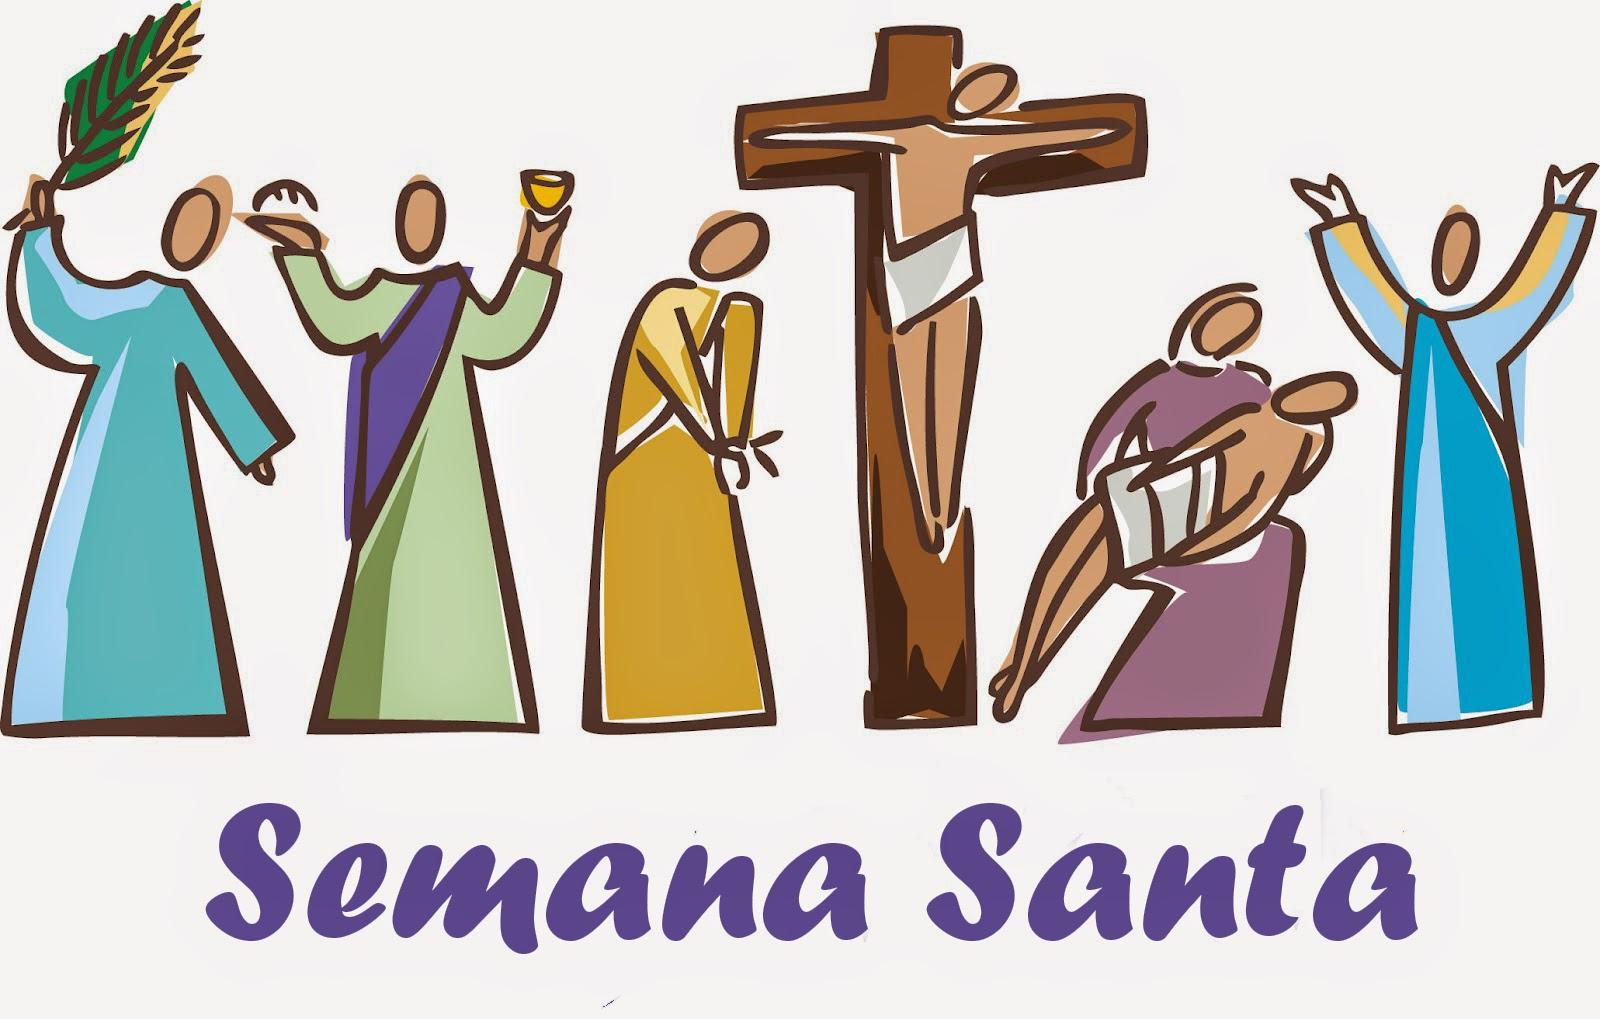 PROGRAMACIÓN SEMANA SANTA 2018 CAZALEGAS